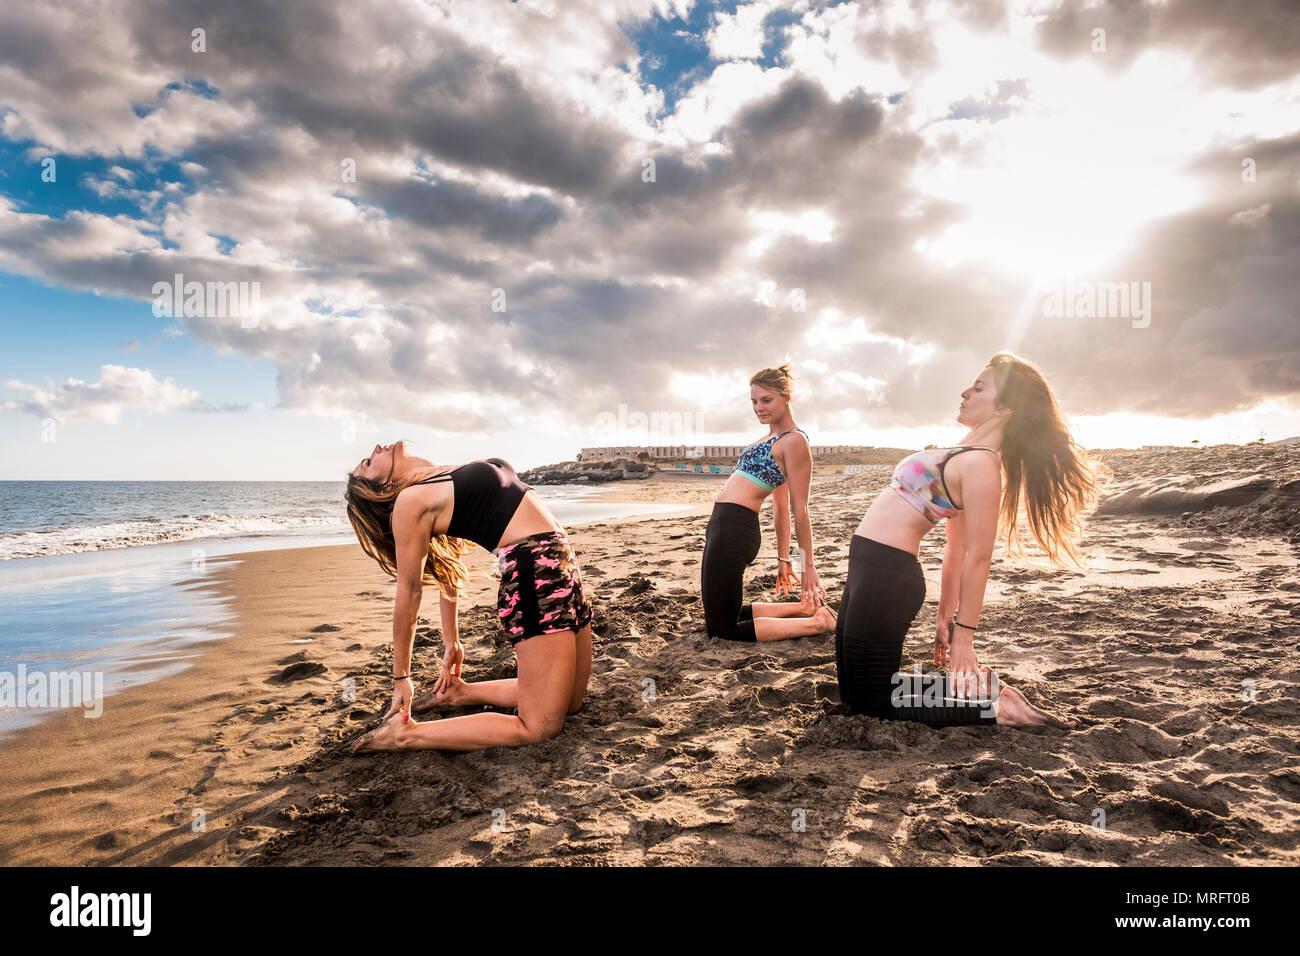 Pilates et leçon de groupe de personnes à la plage. trois belles jeunes femmes modèle de remise en forme fait sur la rive près de l'eau de l'océan. me demande Photo Stock